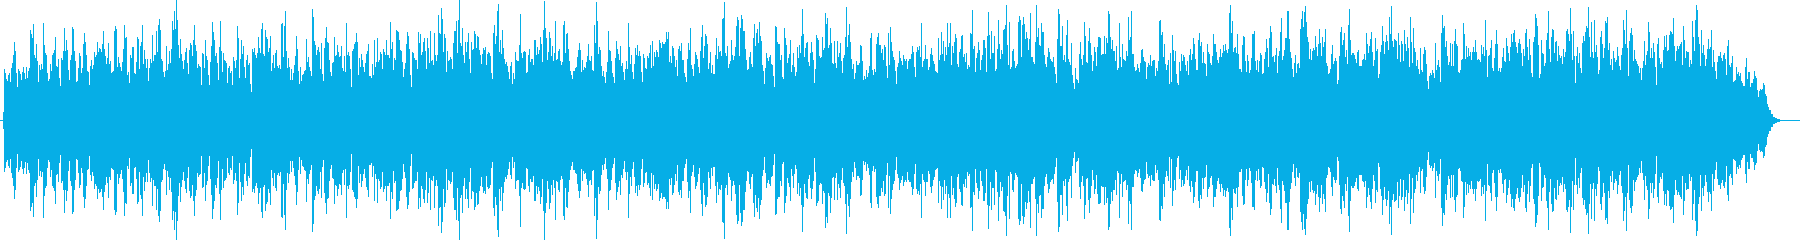 パズルをあてはめるようなテクノポップの再生済みの波形